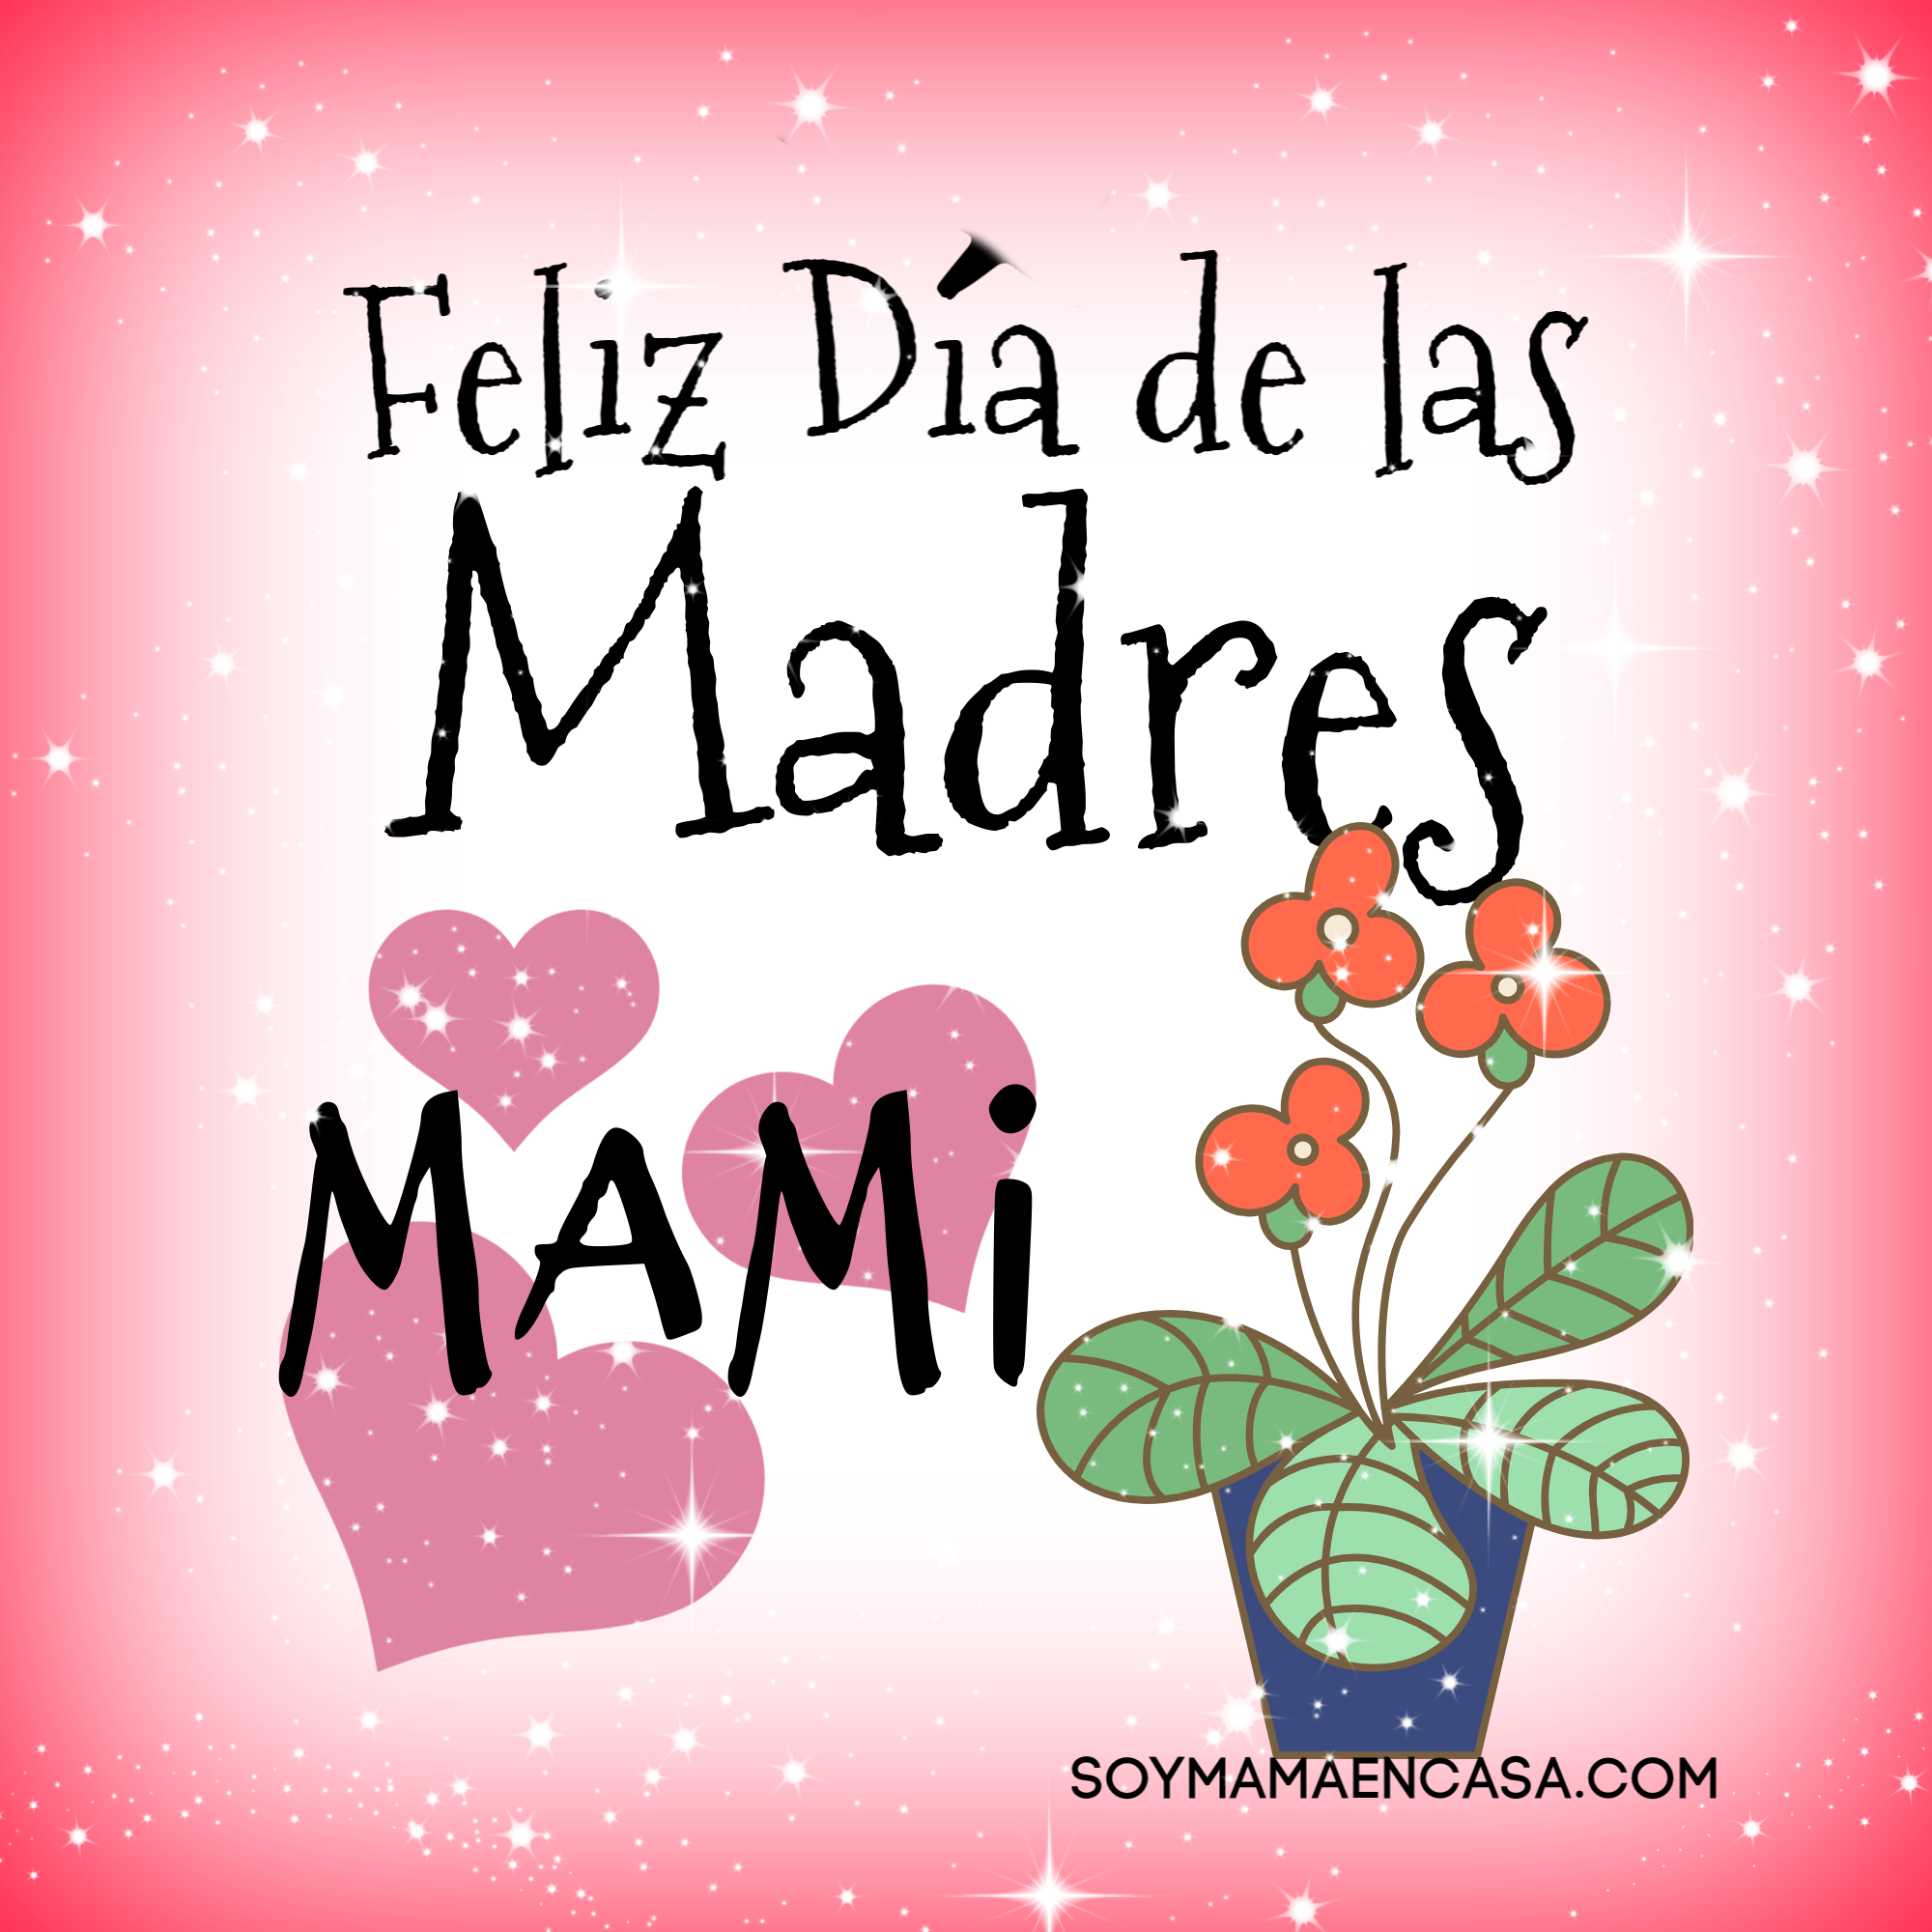 Feliz Día de la Madre Mami   Feliz dia madres frases, Feliz día mamá  frases, Feliz día de la madre